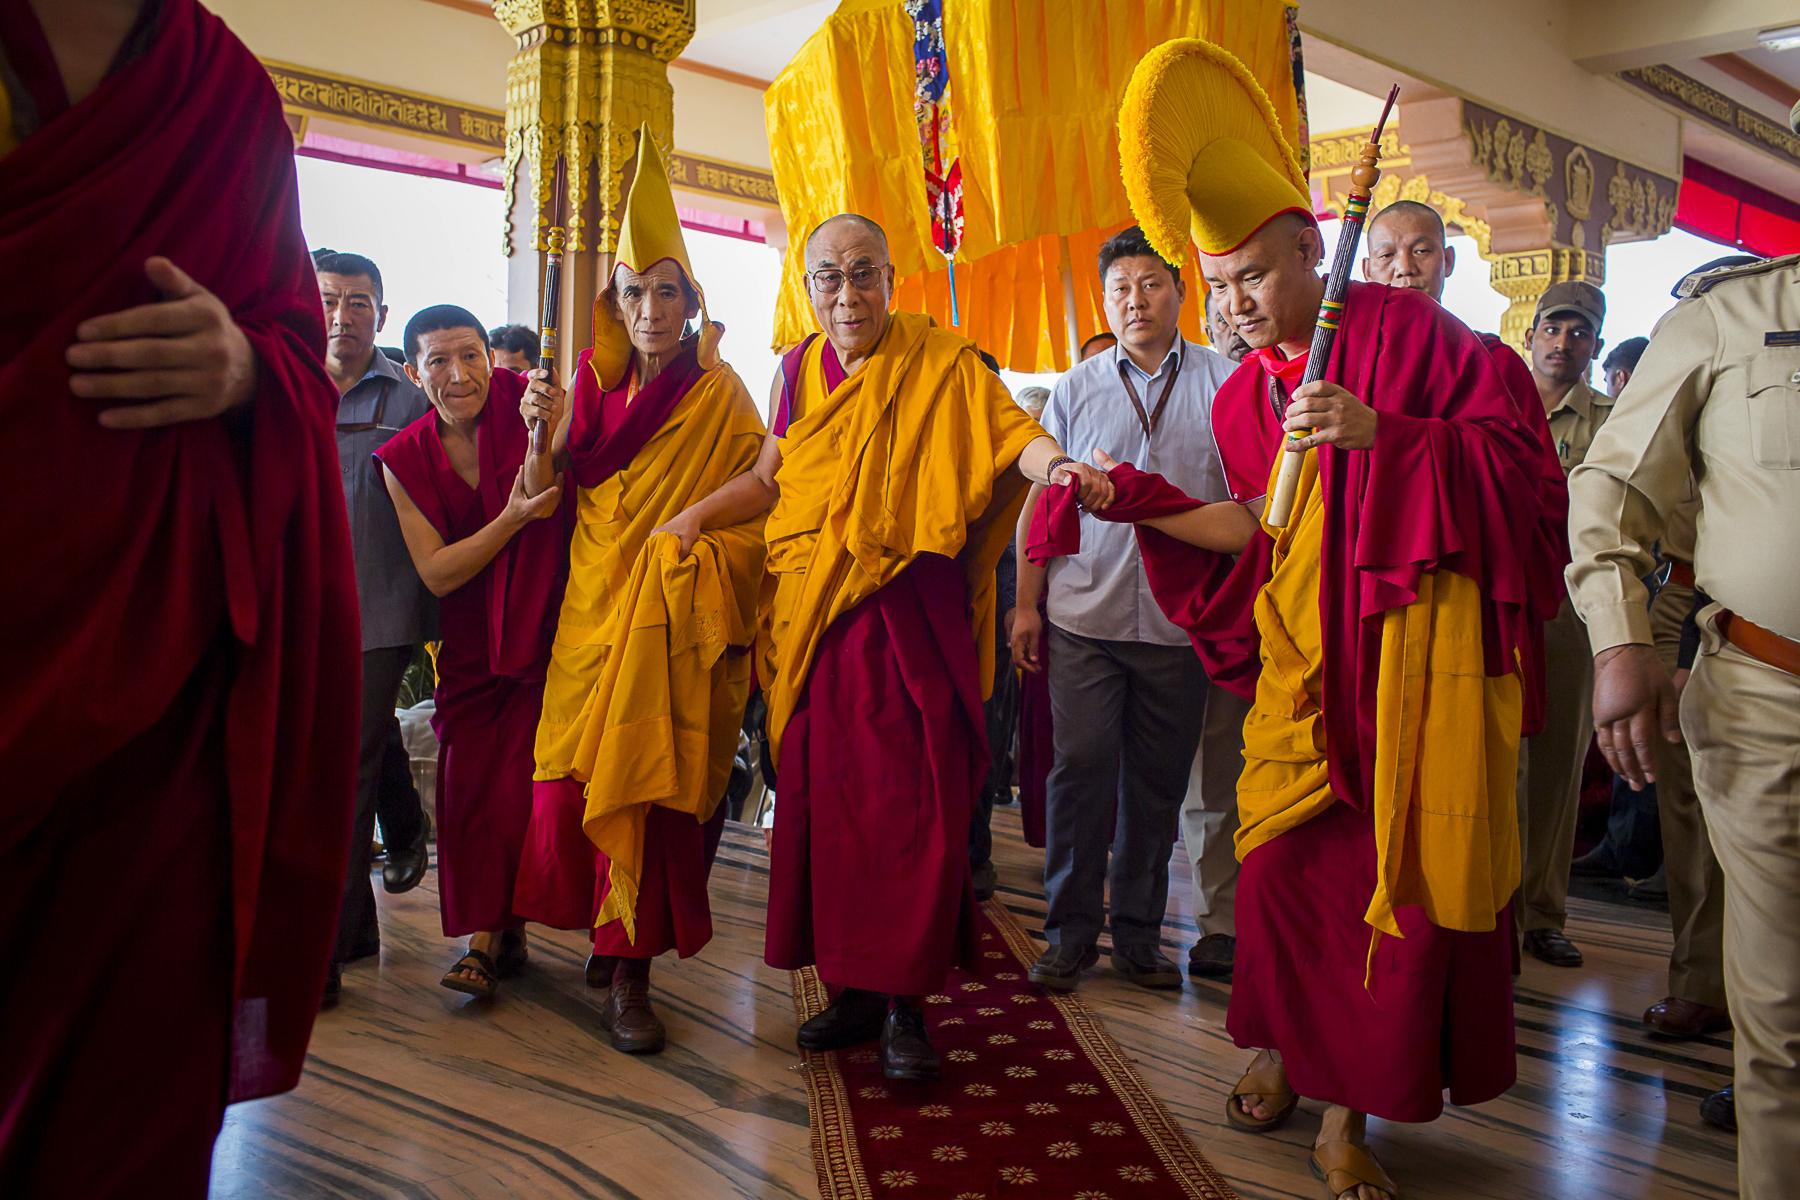 Inde, décembre 2012. Sa Sainteté le Dalaï Lama dans l'enclave tibétaine de Mungog dans l'état du Karnakata.India, December 2012. His Holiness de Dalaï Lama in the tibetan settlment of Mungog in the state of Karnakata.